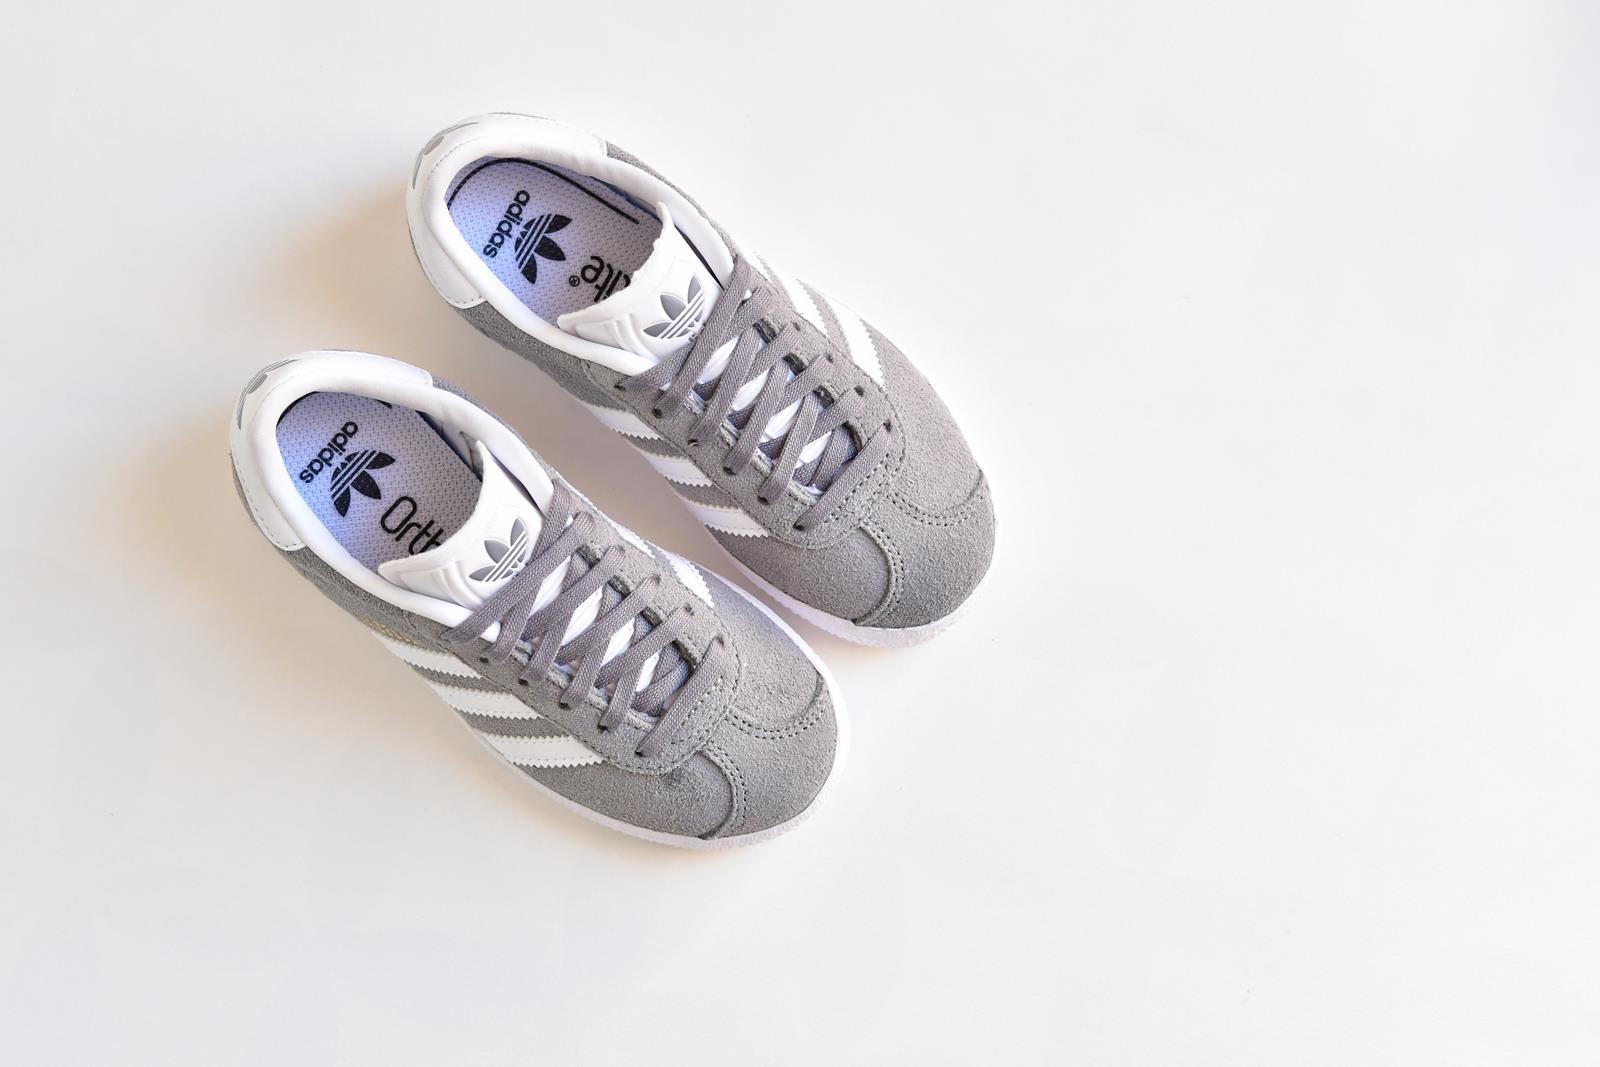 adidas gazelle grises niña